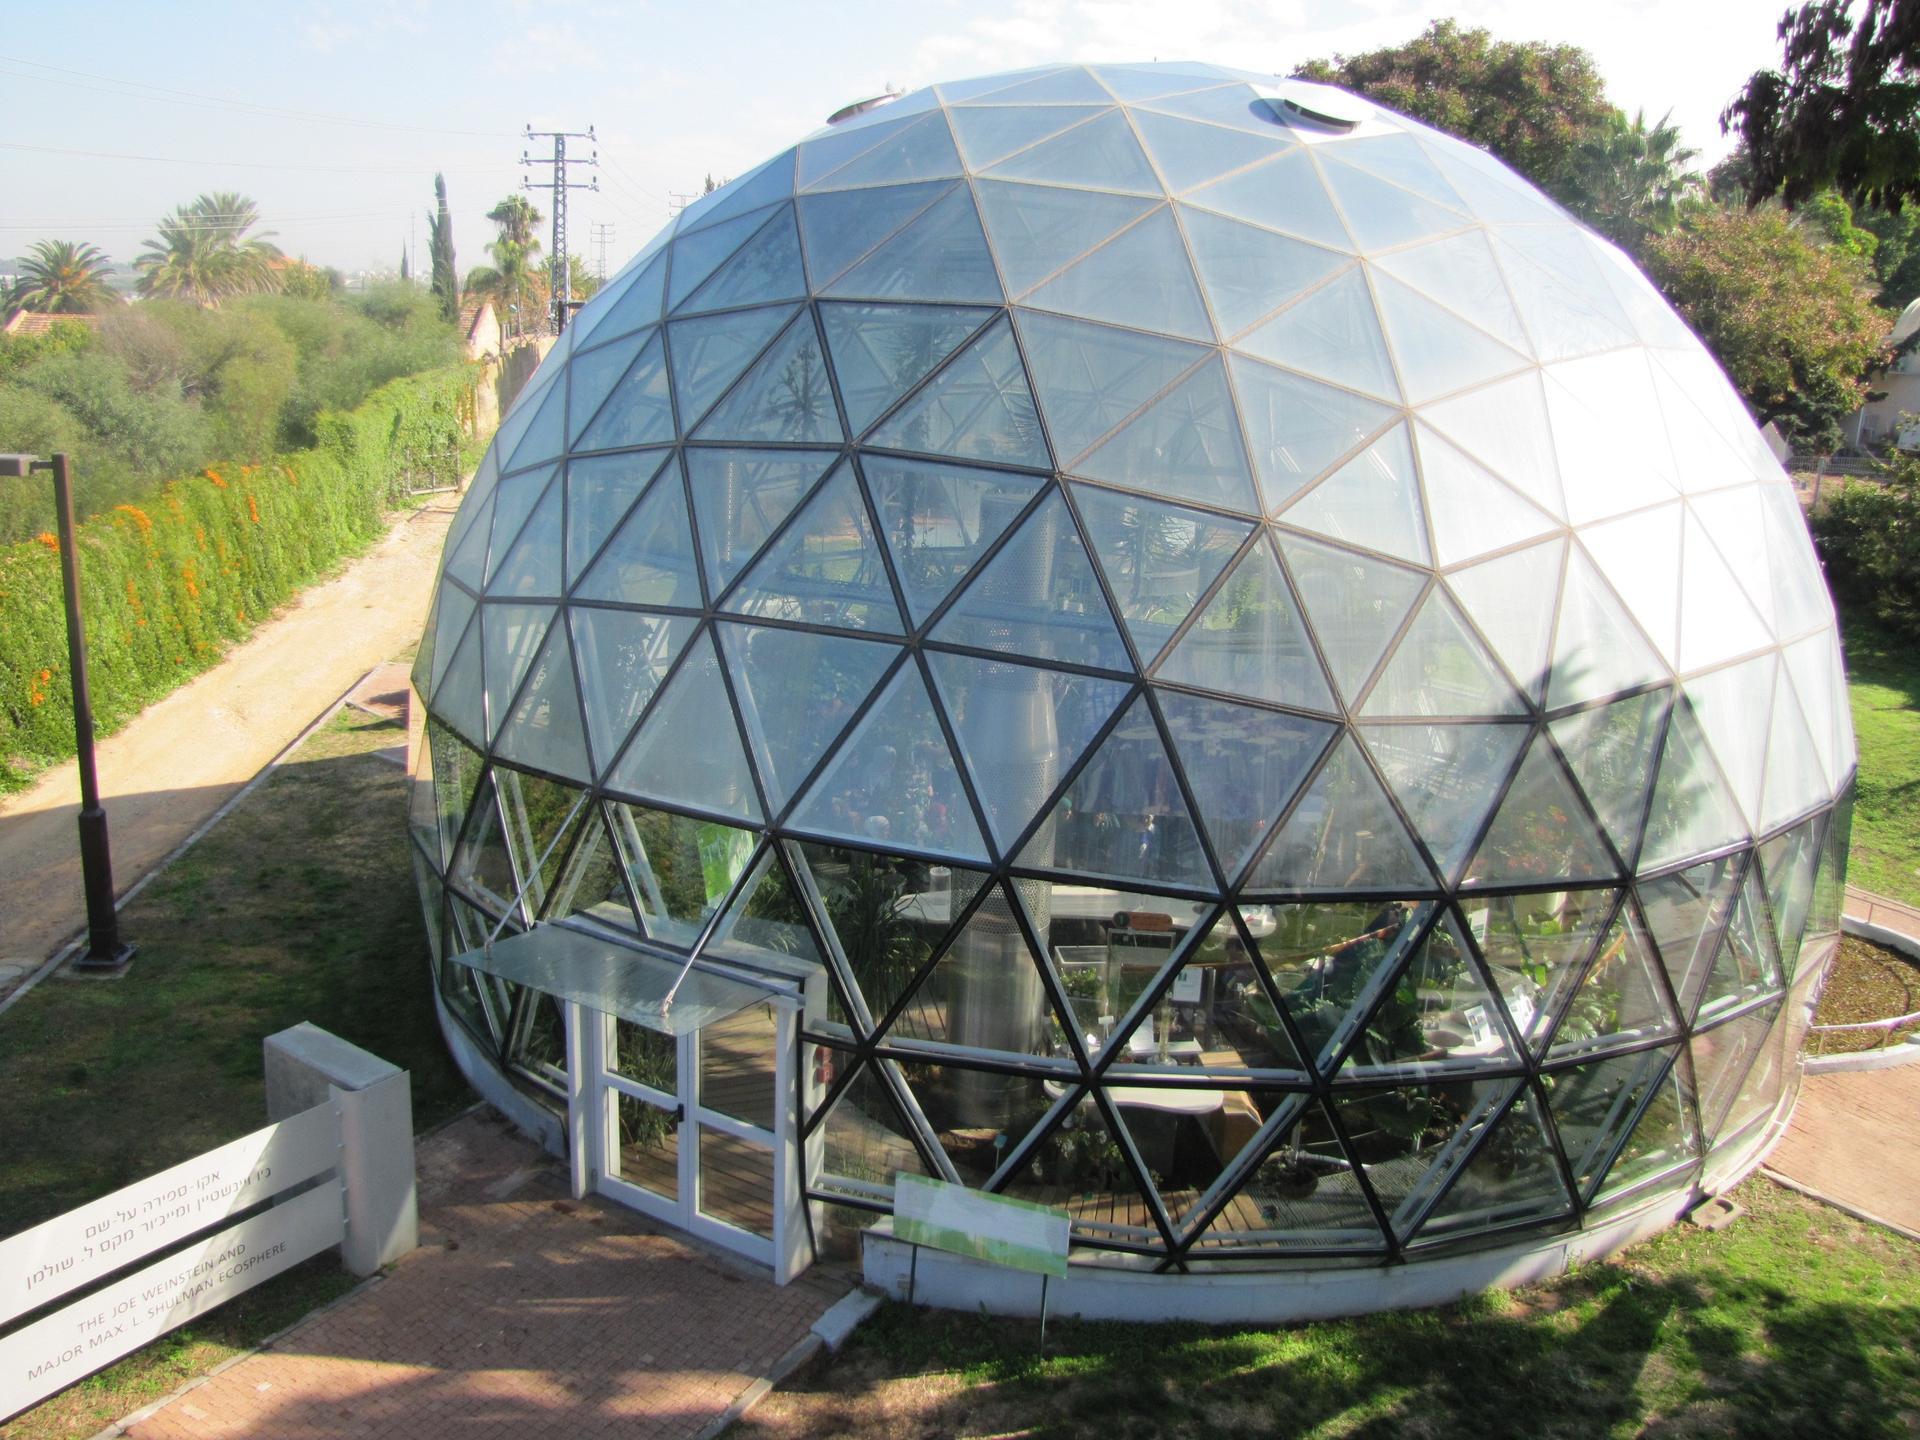 תערוכת הקיץ החדשה בגן המדע. צילום: מכון ויצמן למדע